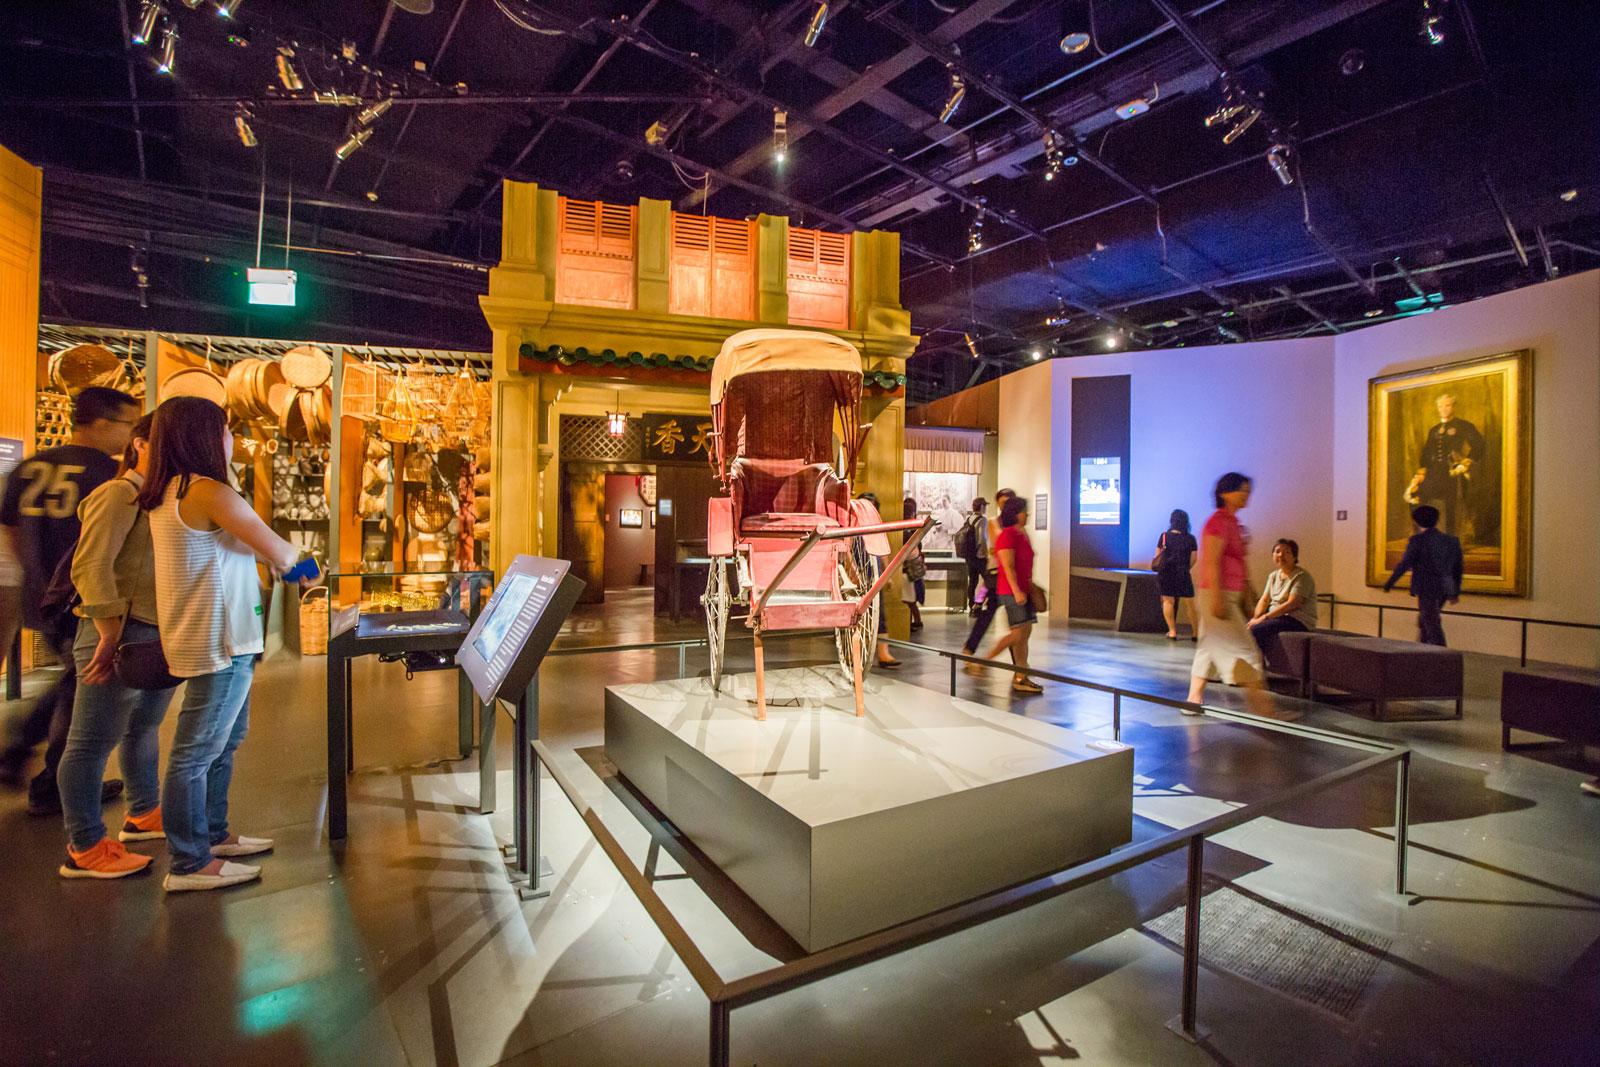 Bảo tàng National Museum lúc nào cũng đông khách du lịch như thế này!